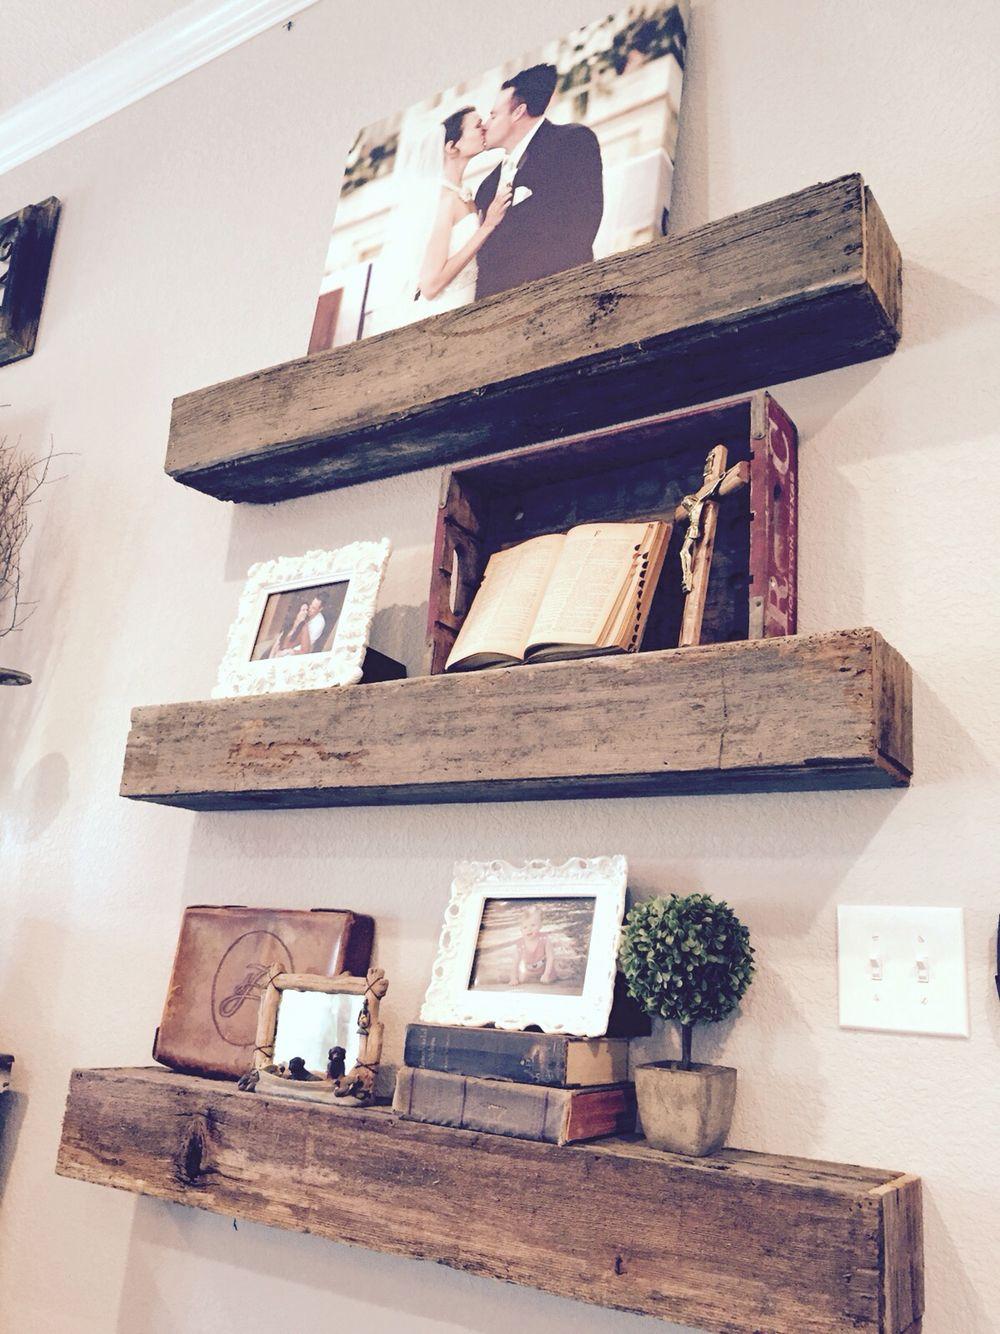 Barn Wood Shelves Family Memories Vintage Items New